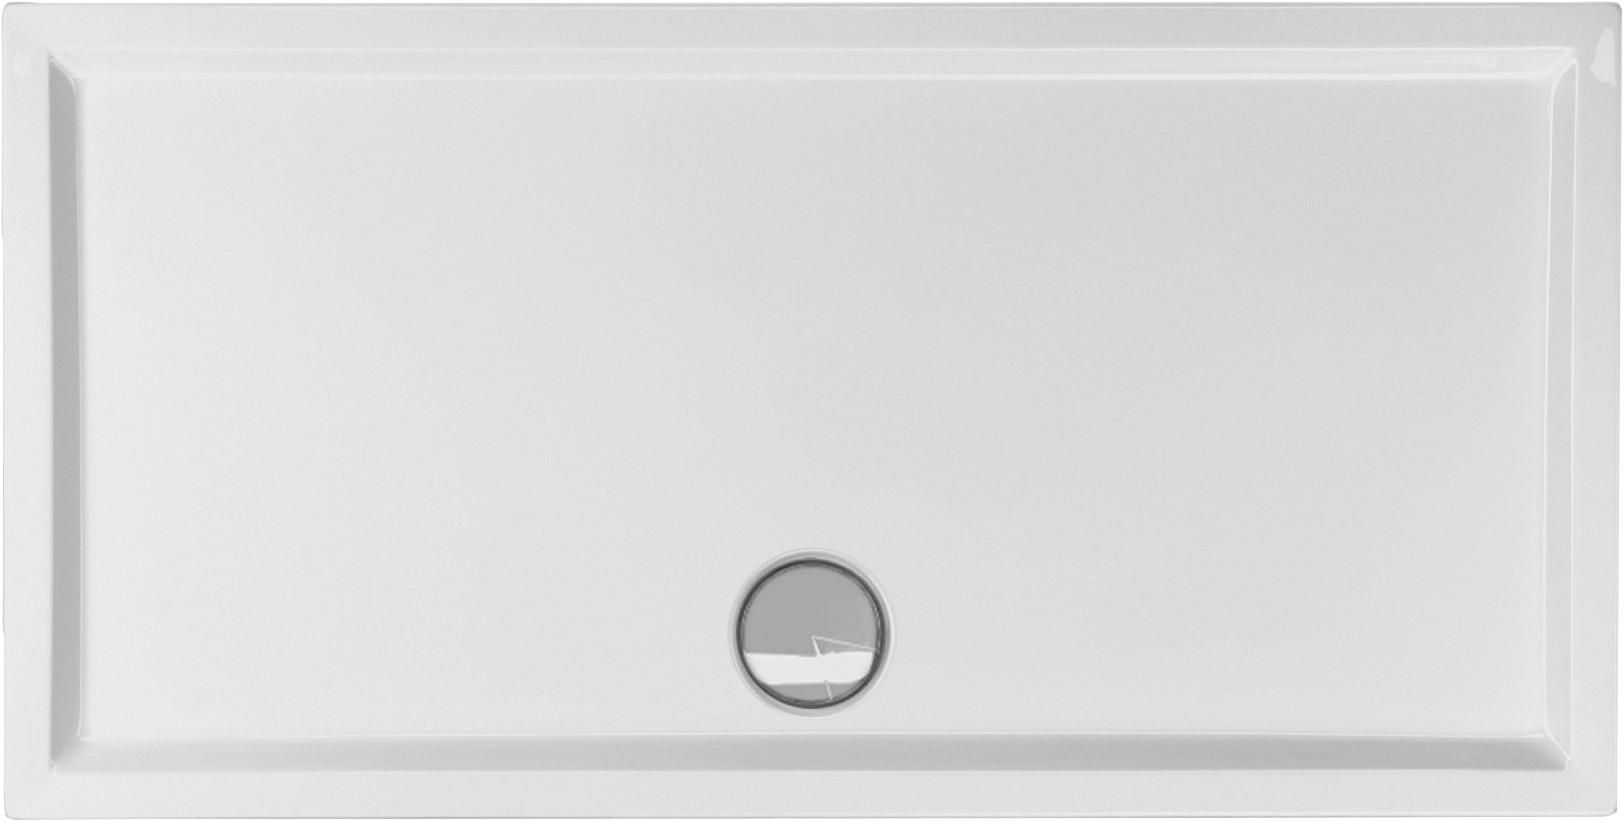 Duschwanne flach 160 x 80 x 4 cm